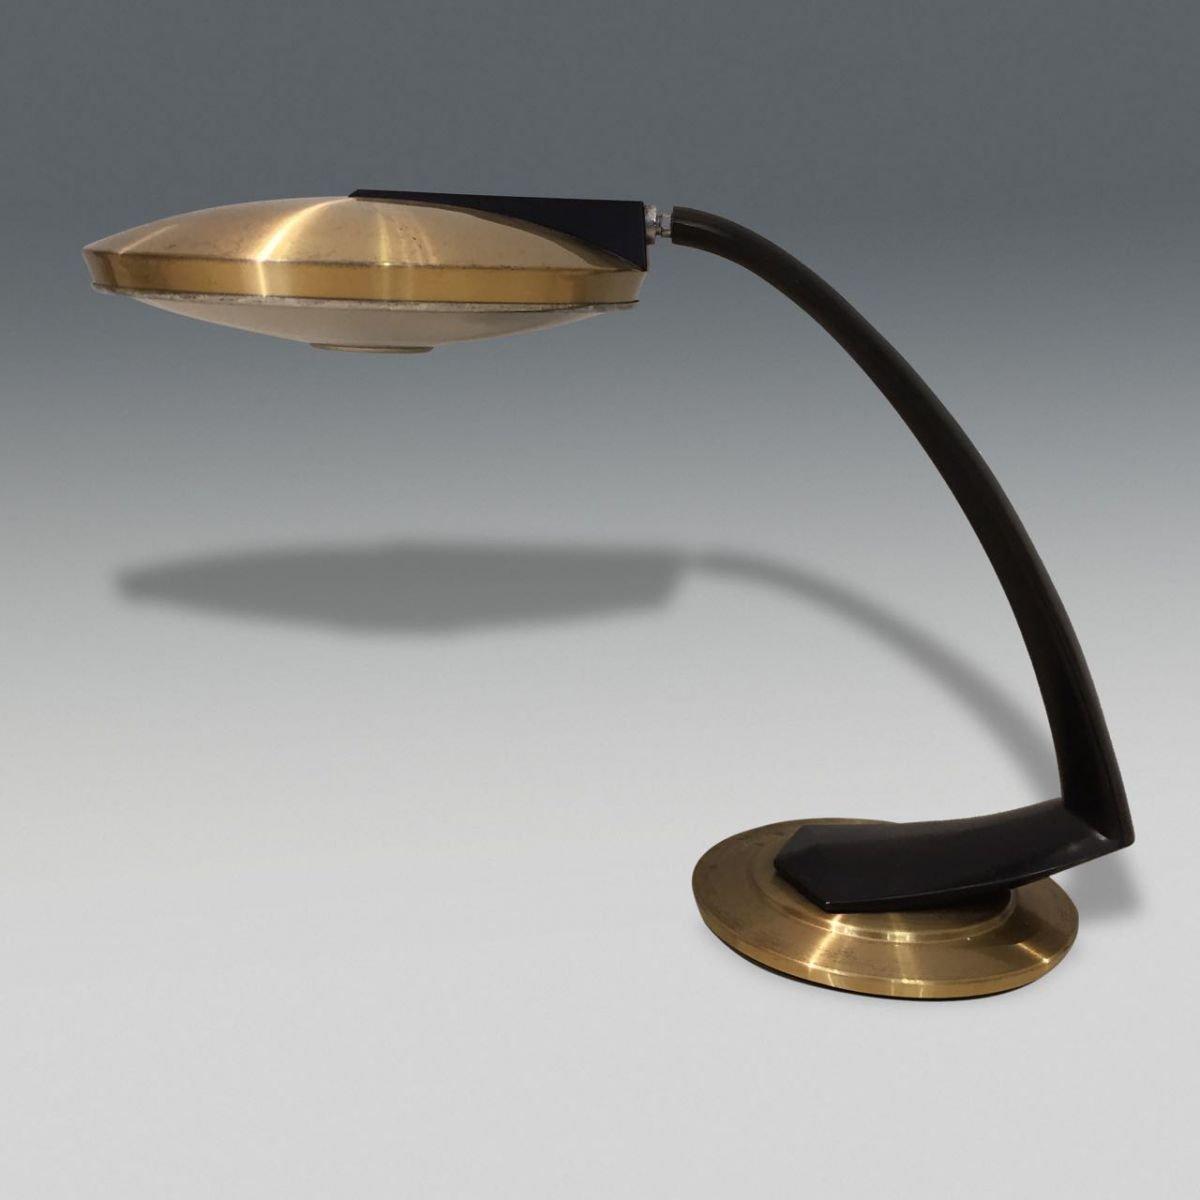 Vintage Boomerang Tischlampe von Fase, 1970er